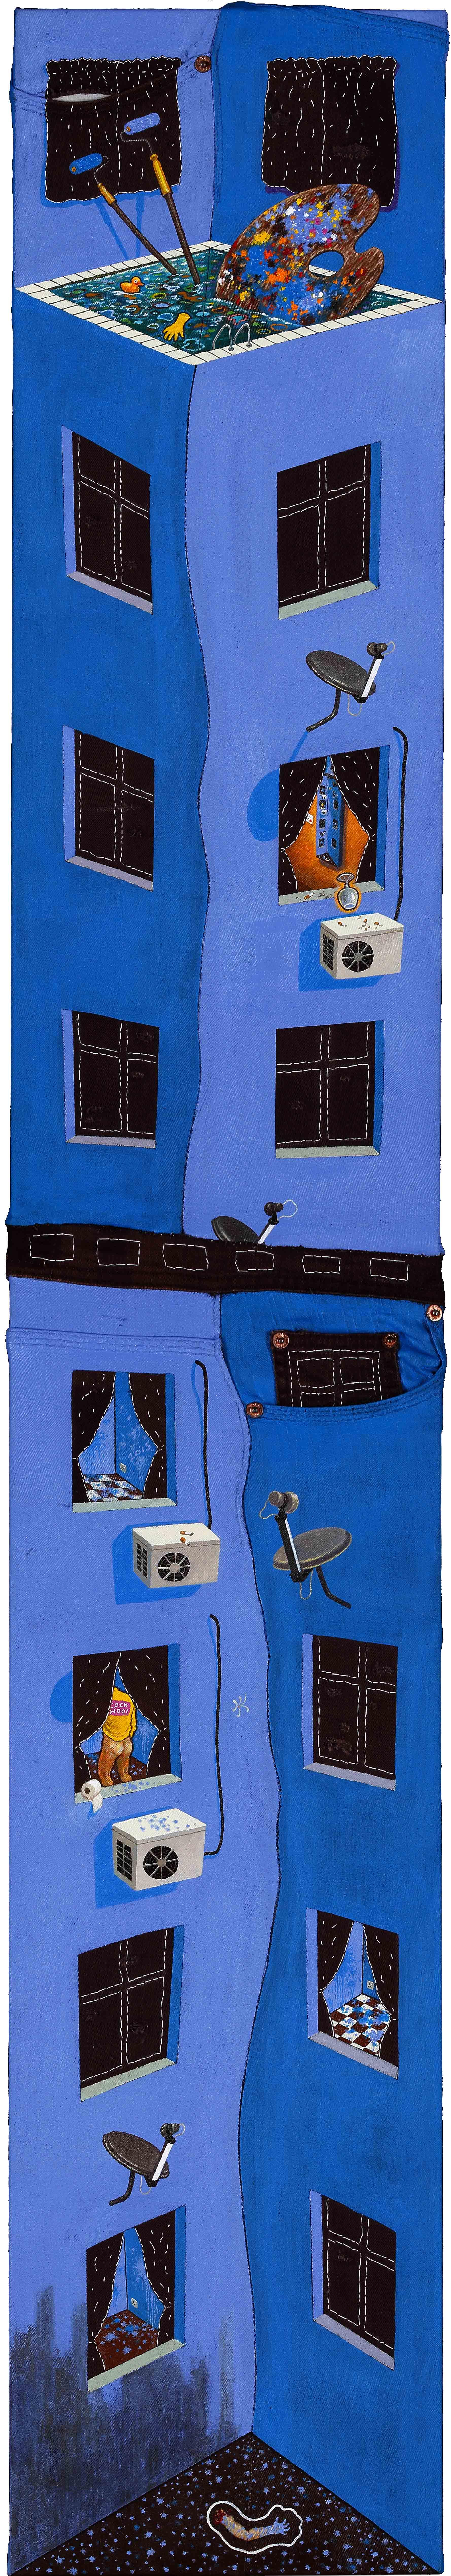 Old Pants as New PropertiesHandwork Serenade